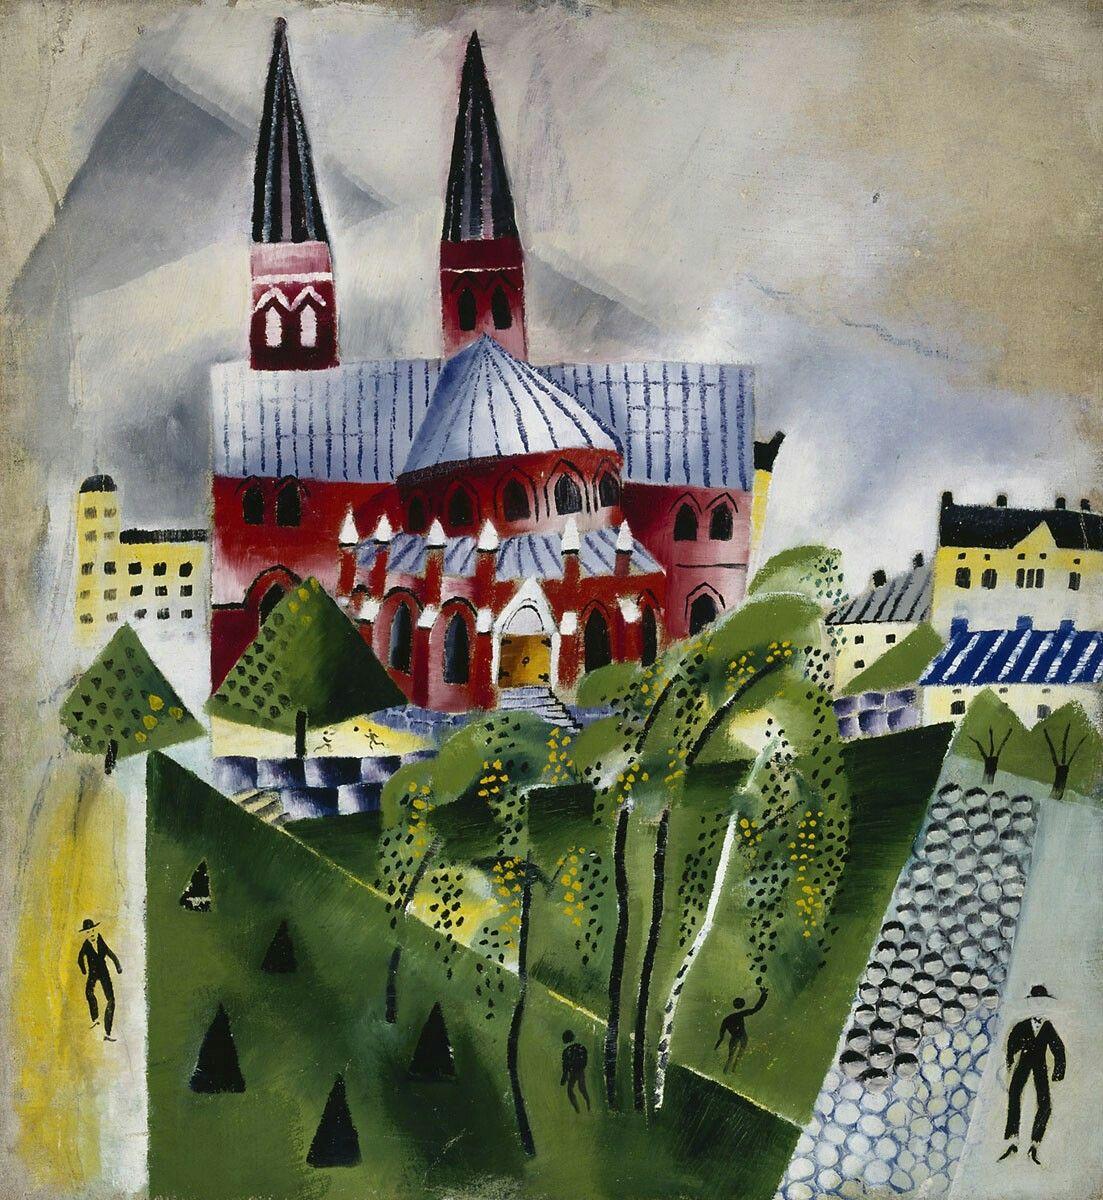 Greta Hällfors-Sipilä: St. John's Church, c. 1918. Ateneum Art Museum. Photo: Finnish National Gallery / Hannu Aaltonen